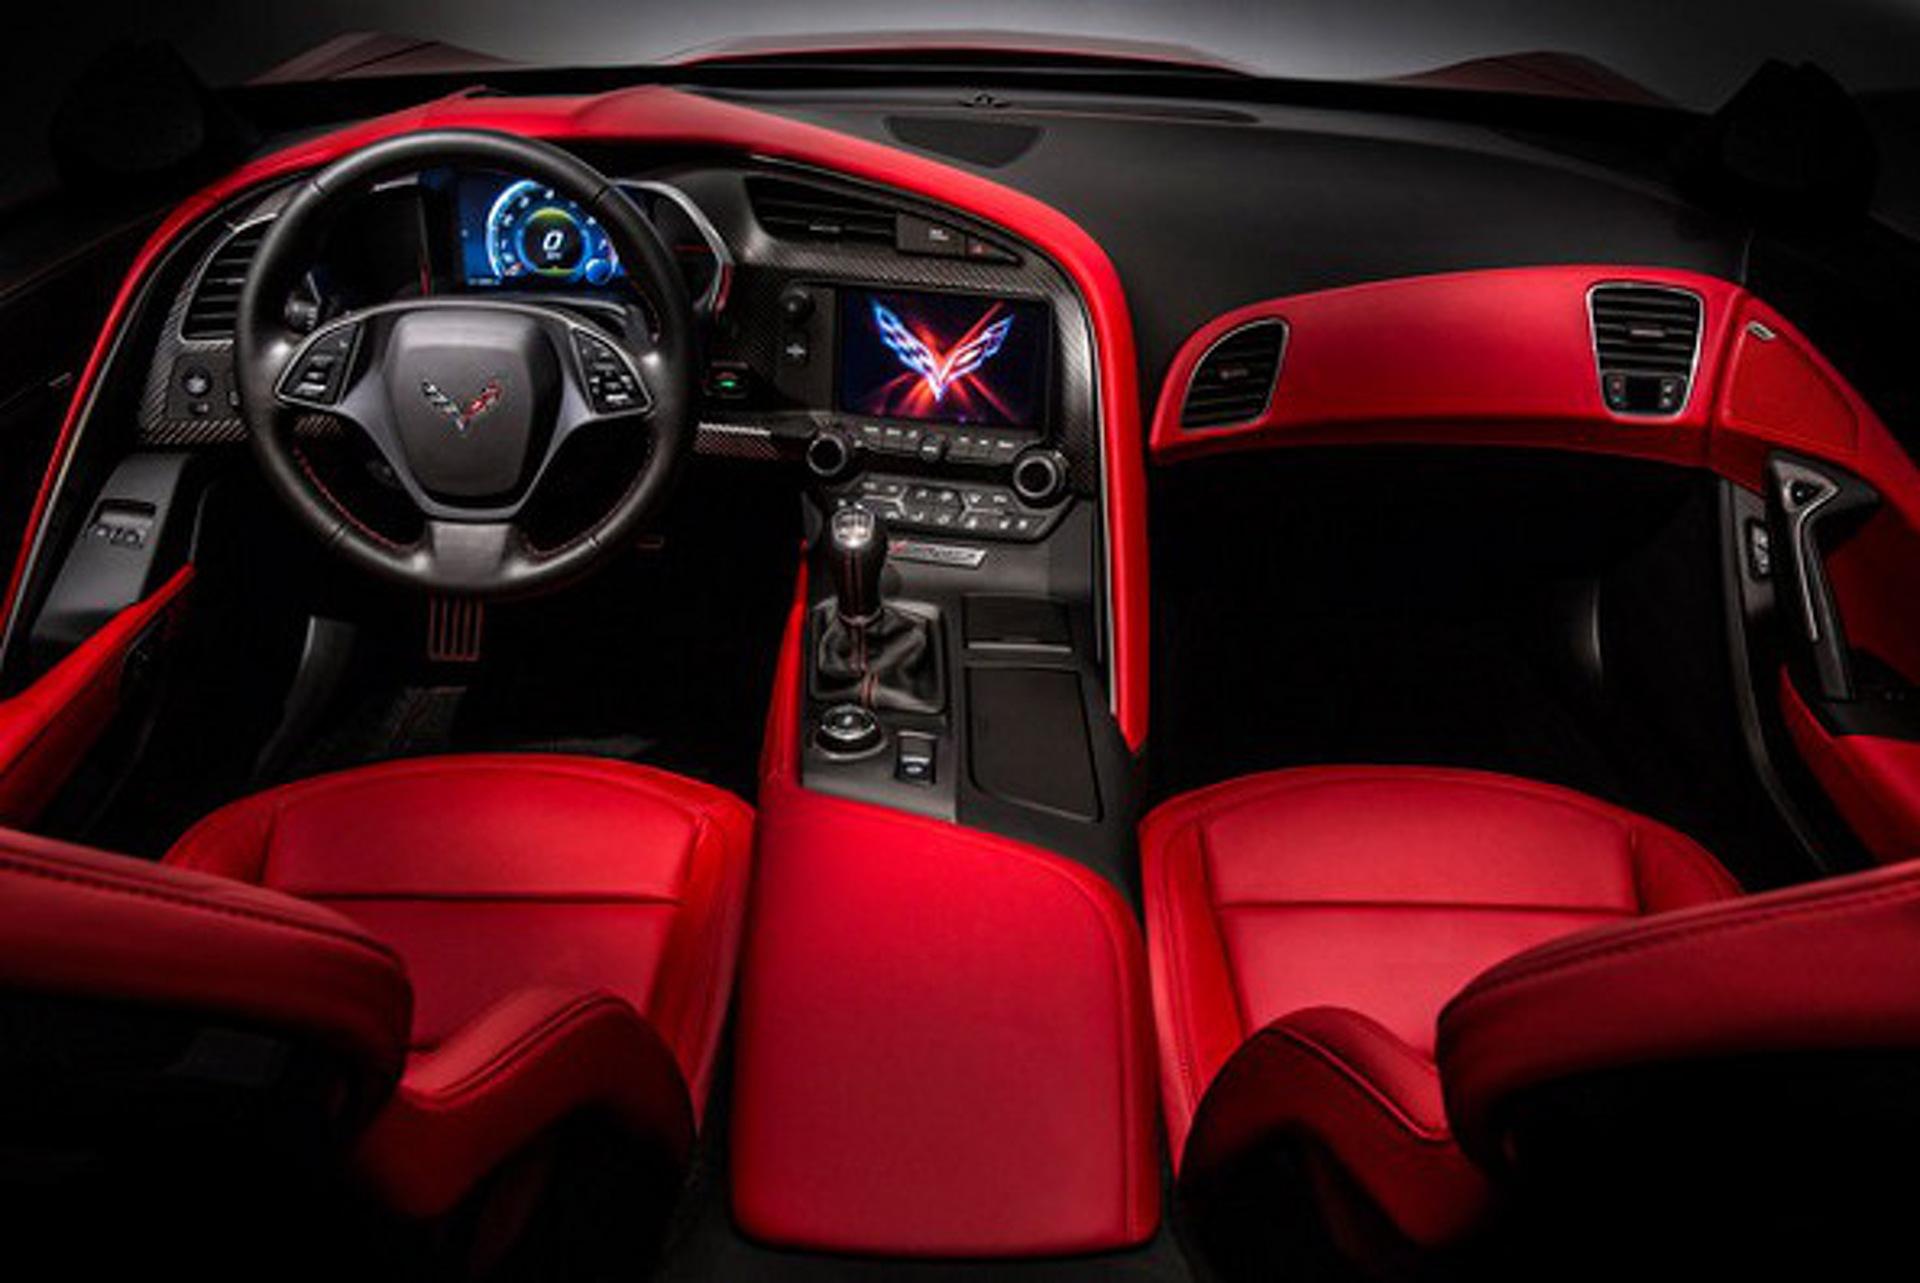 2014 Chevrolet Corvette Stingray: BoldRide Breakdown